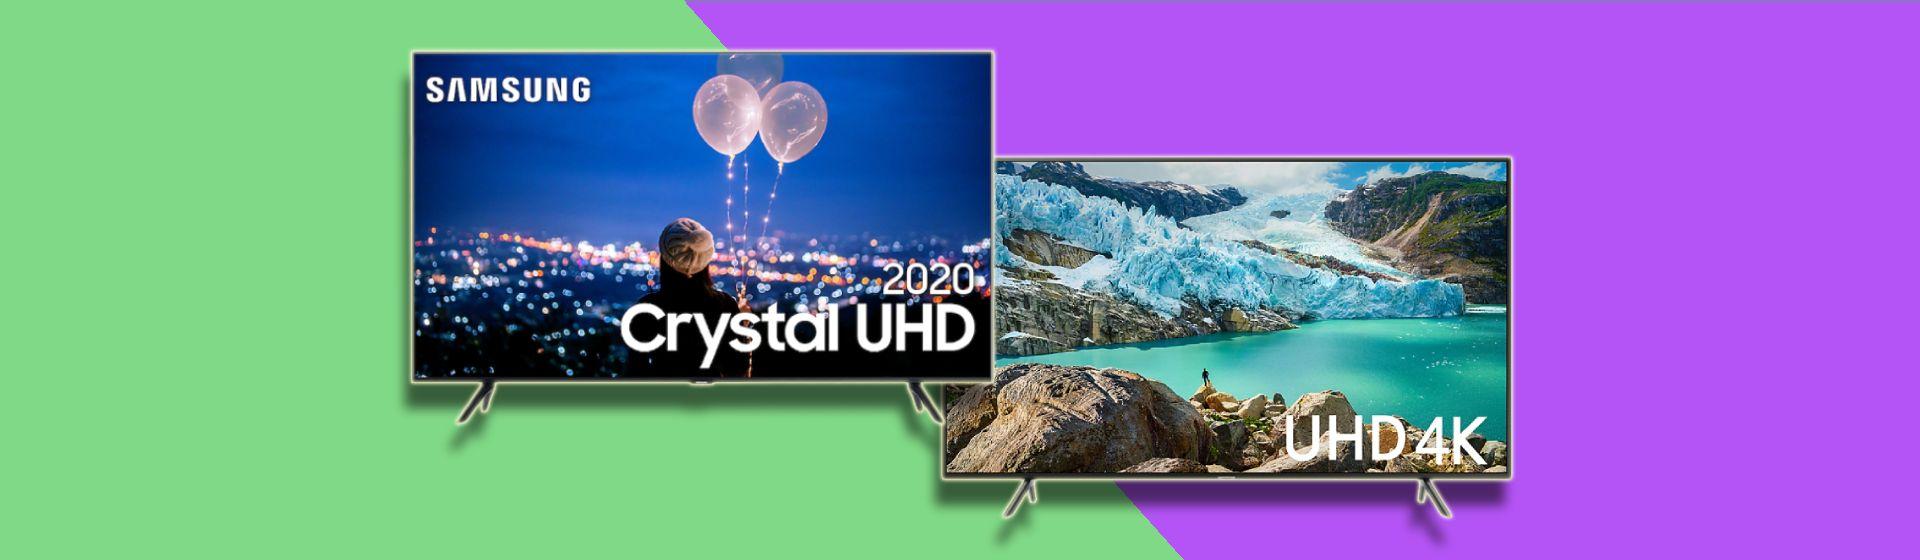 TV Samsung TU8000 vs RU7100: o que mudou de uma geração para outra?